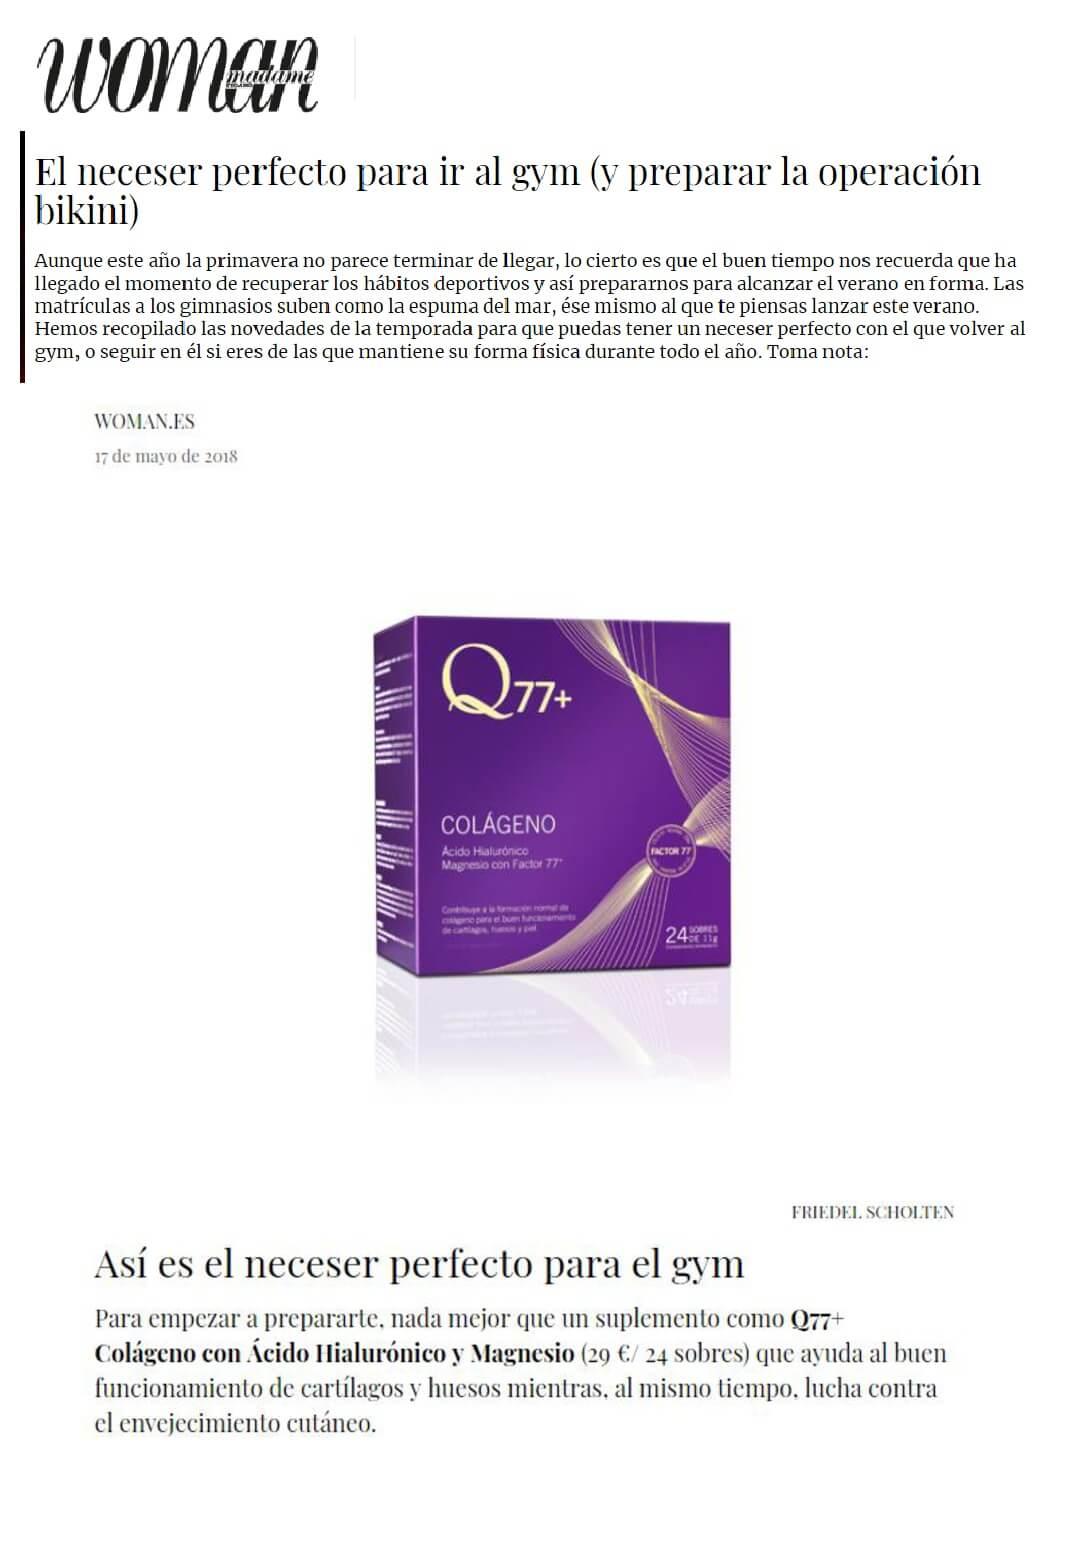 EdicionesSibila-com_21-05-2018_Q77-001.j